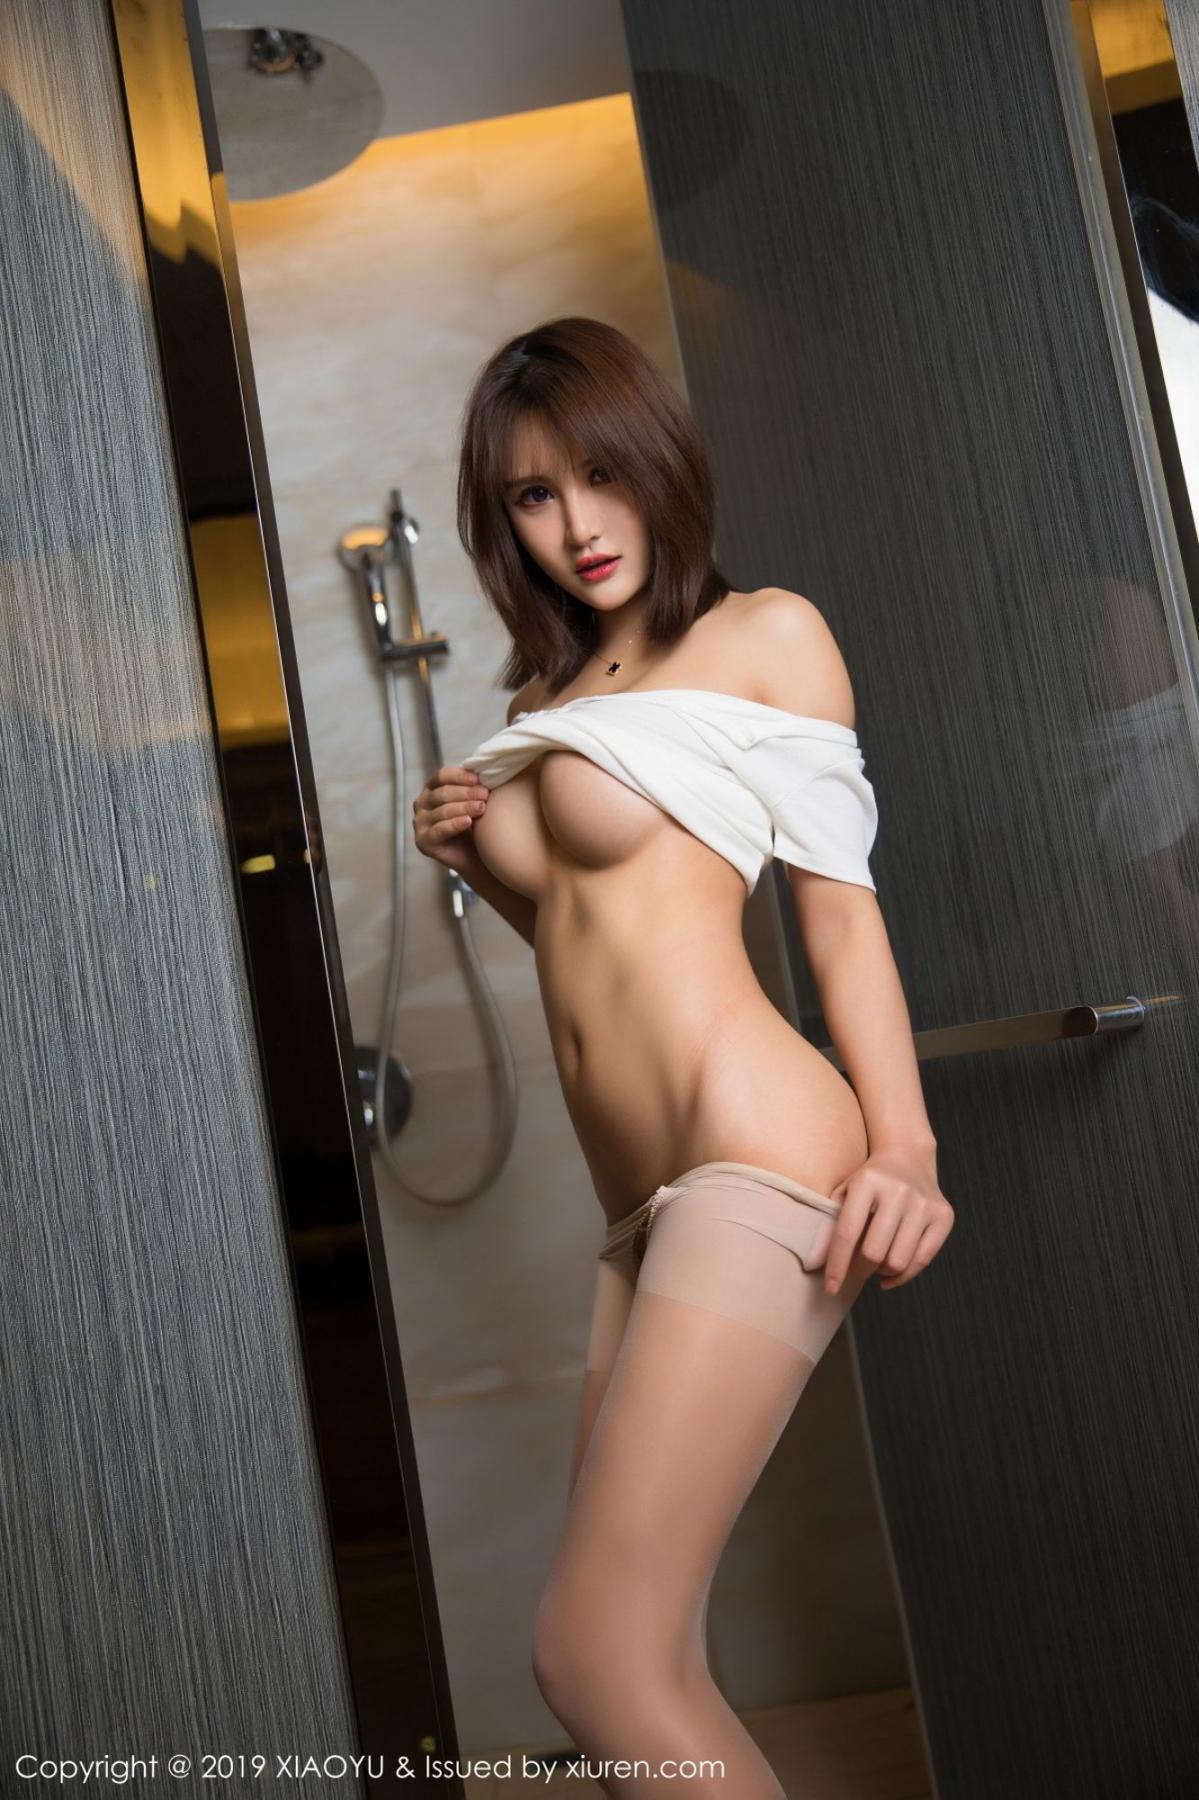 [XiaoYu] Vol.112 Solo Yi Fei 58P, Solo Yi Fei, Underwear, XiaoYu